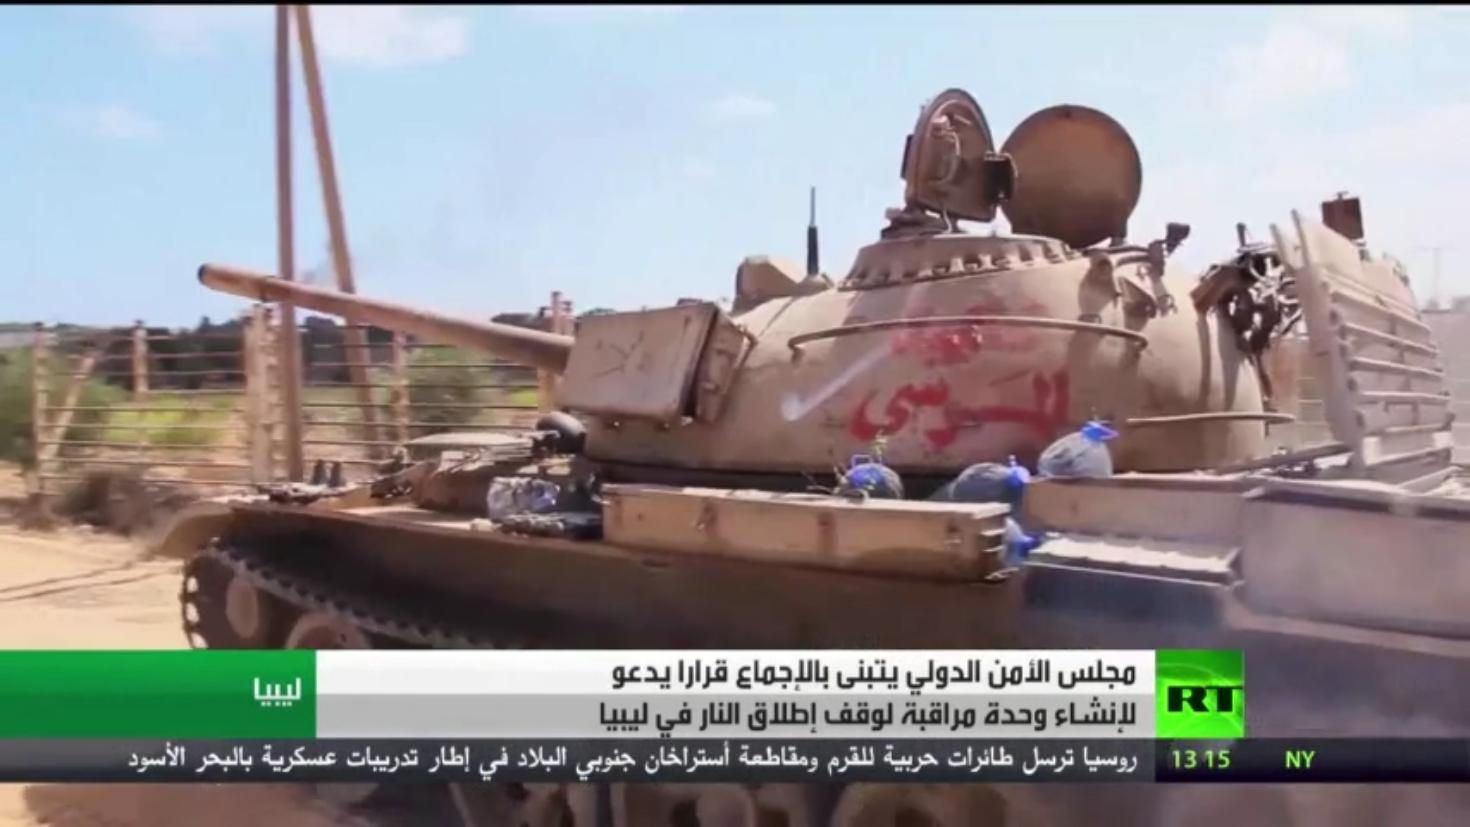 وحدة مراقبة لوقف إطلاق النار في ليبيا